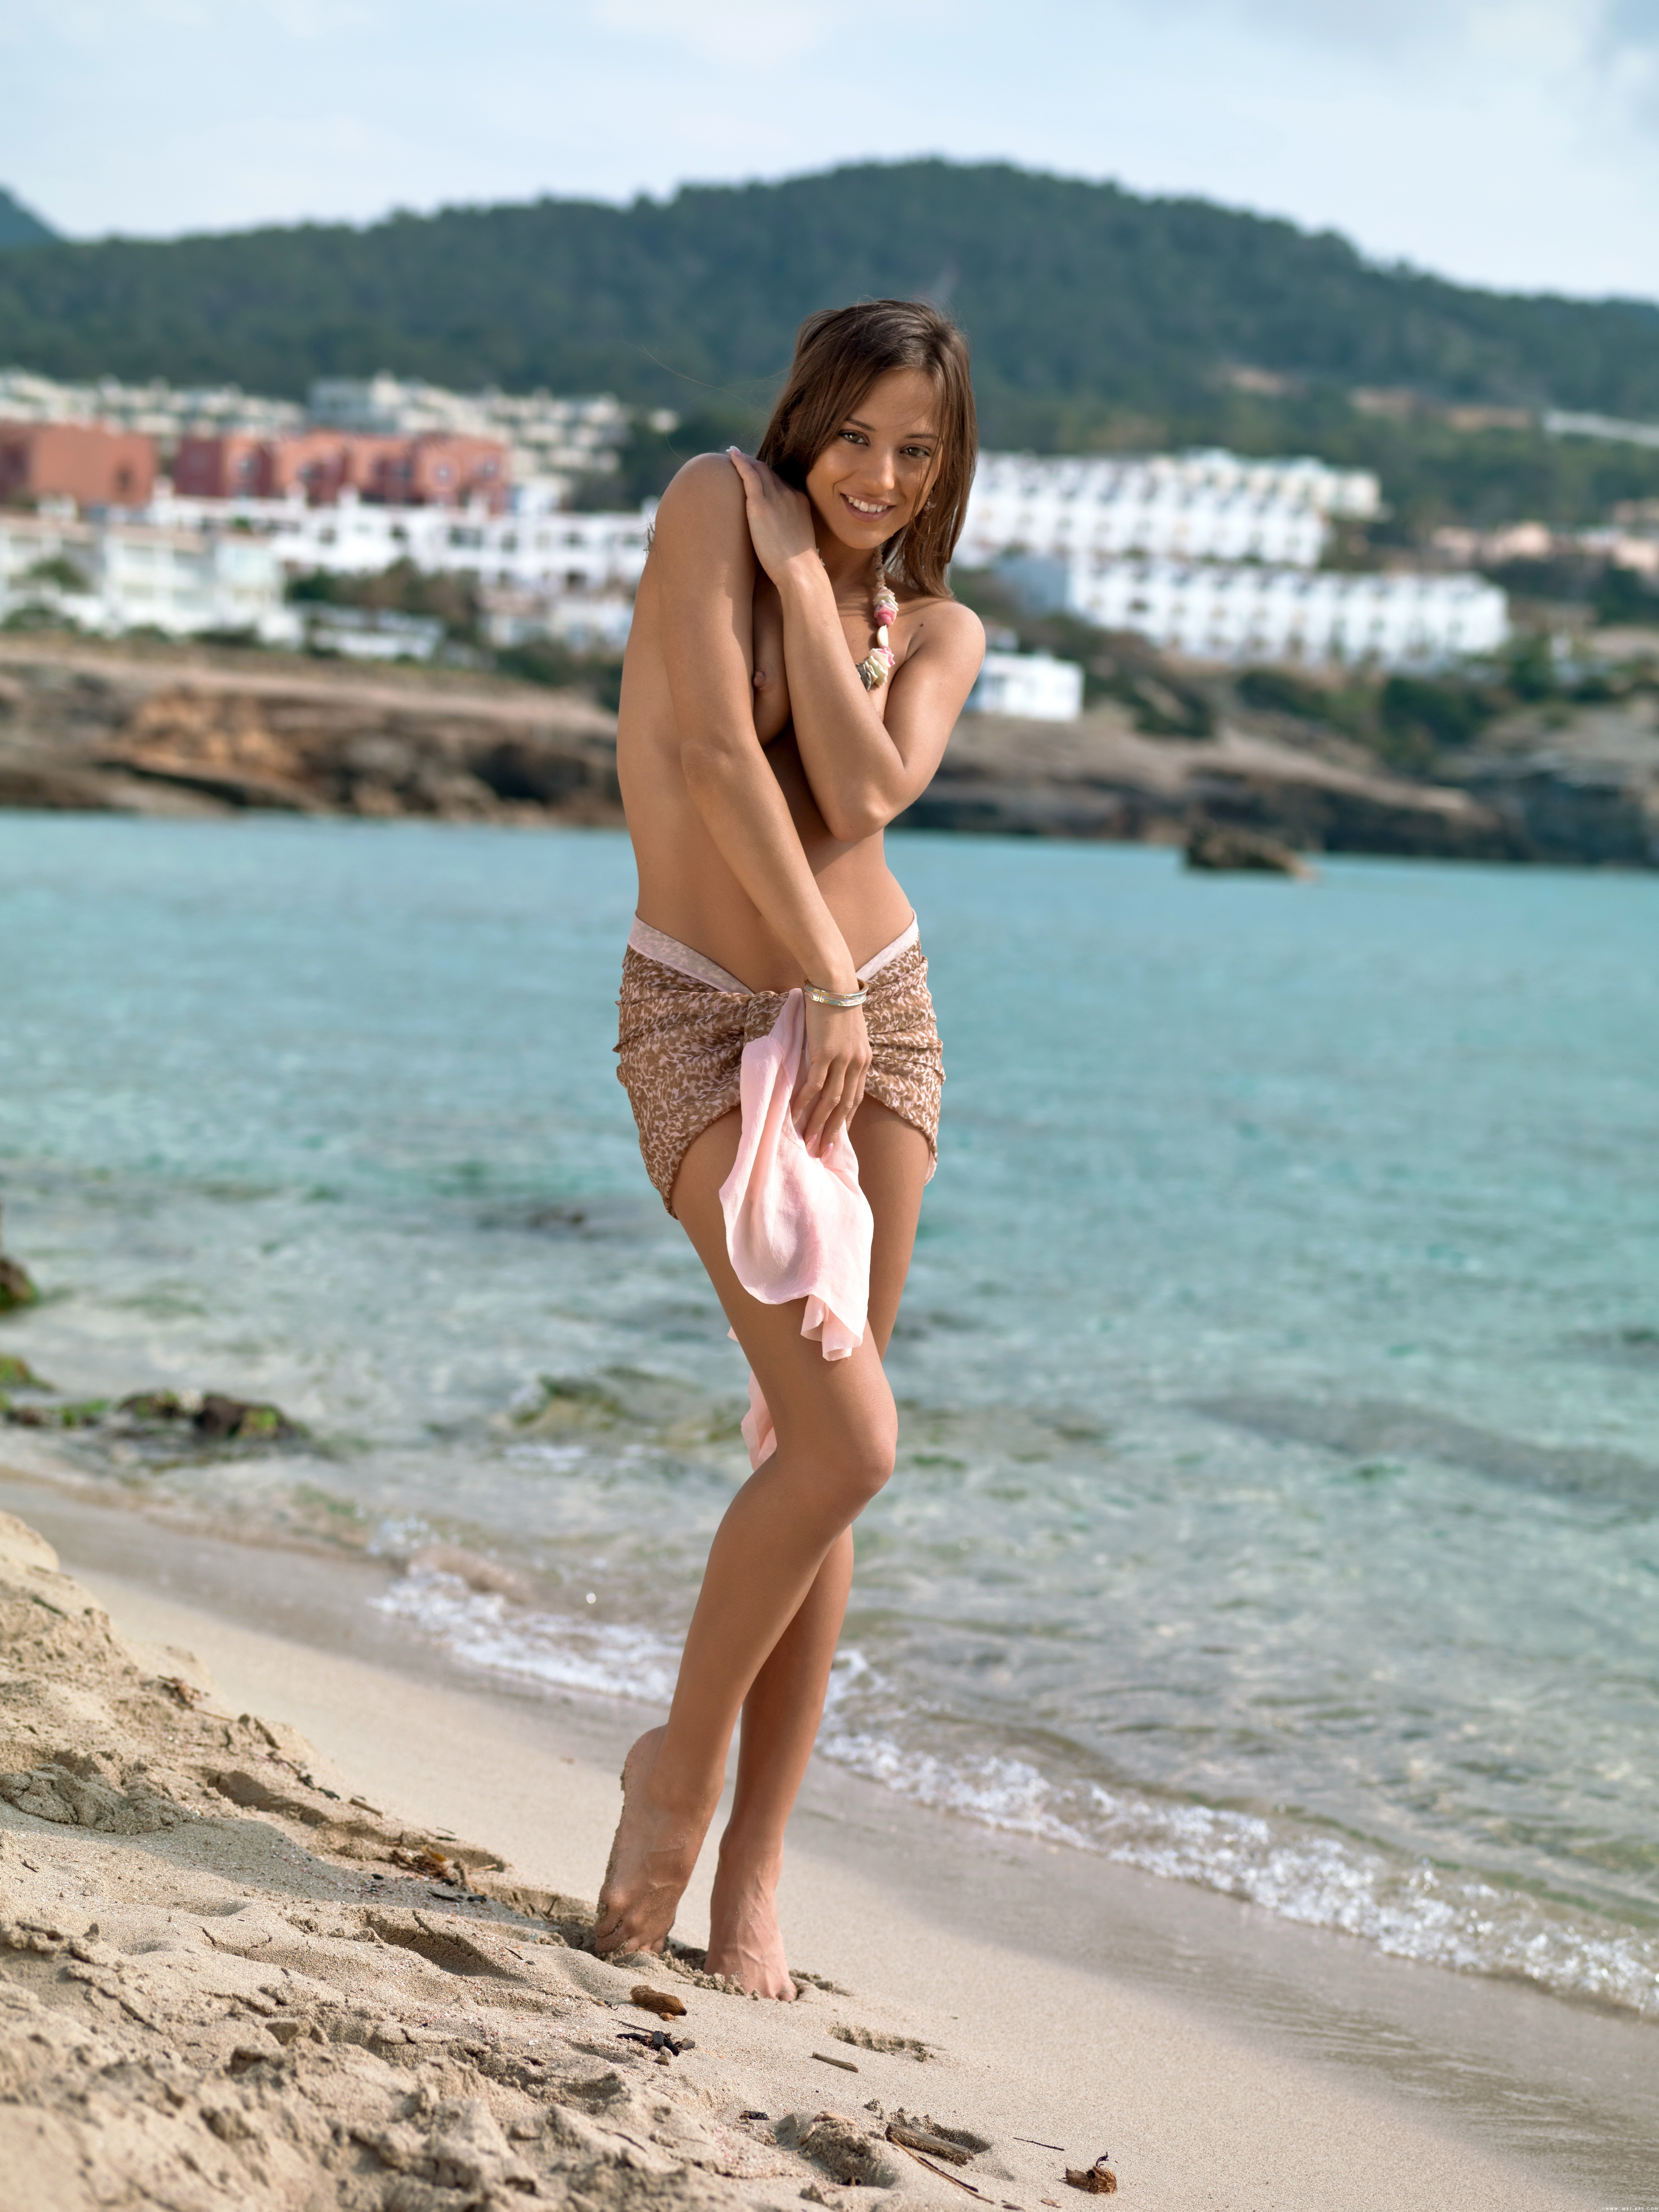 Юная девушка на пляже голая 21 фотография